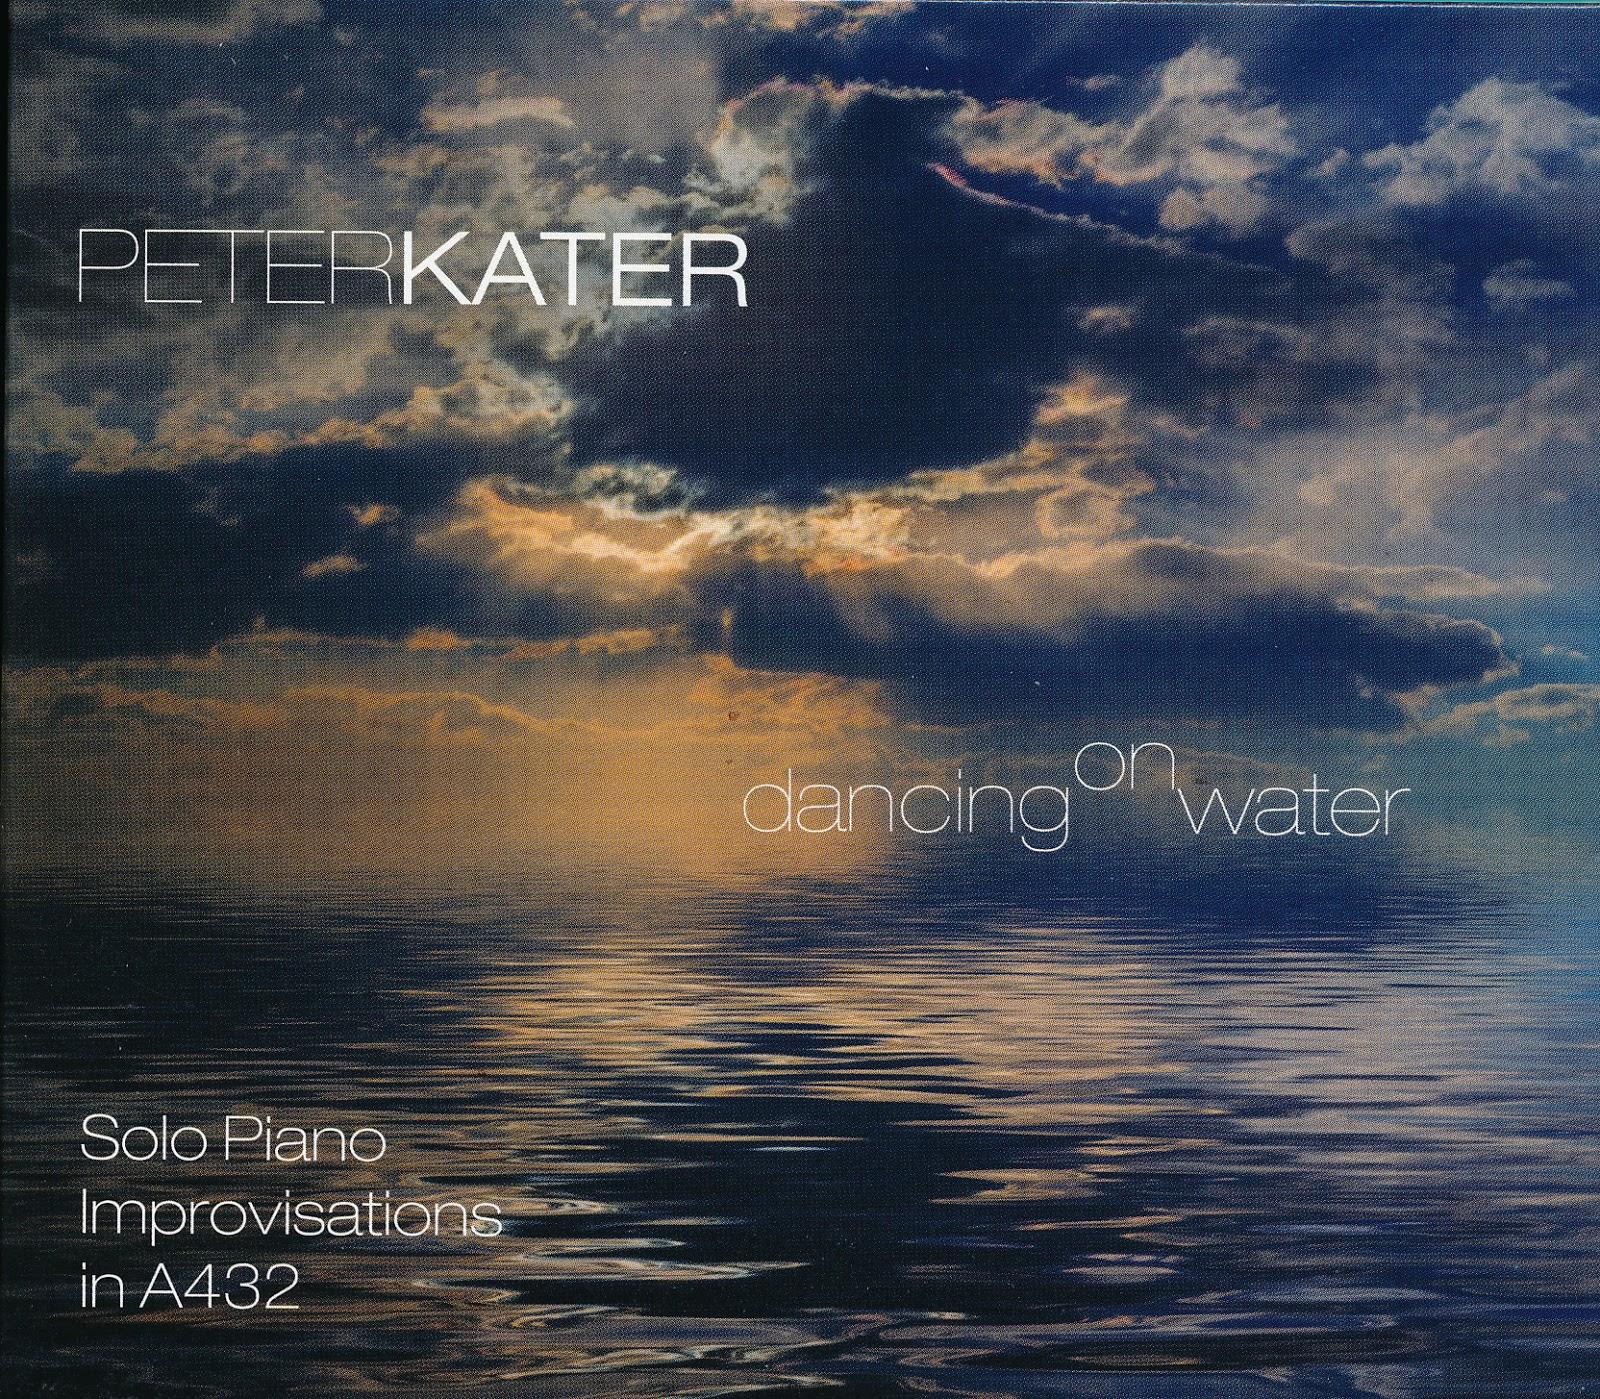 Dancing On Water - Peter Kater ile ilgili görsel sonucu